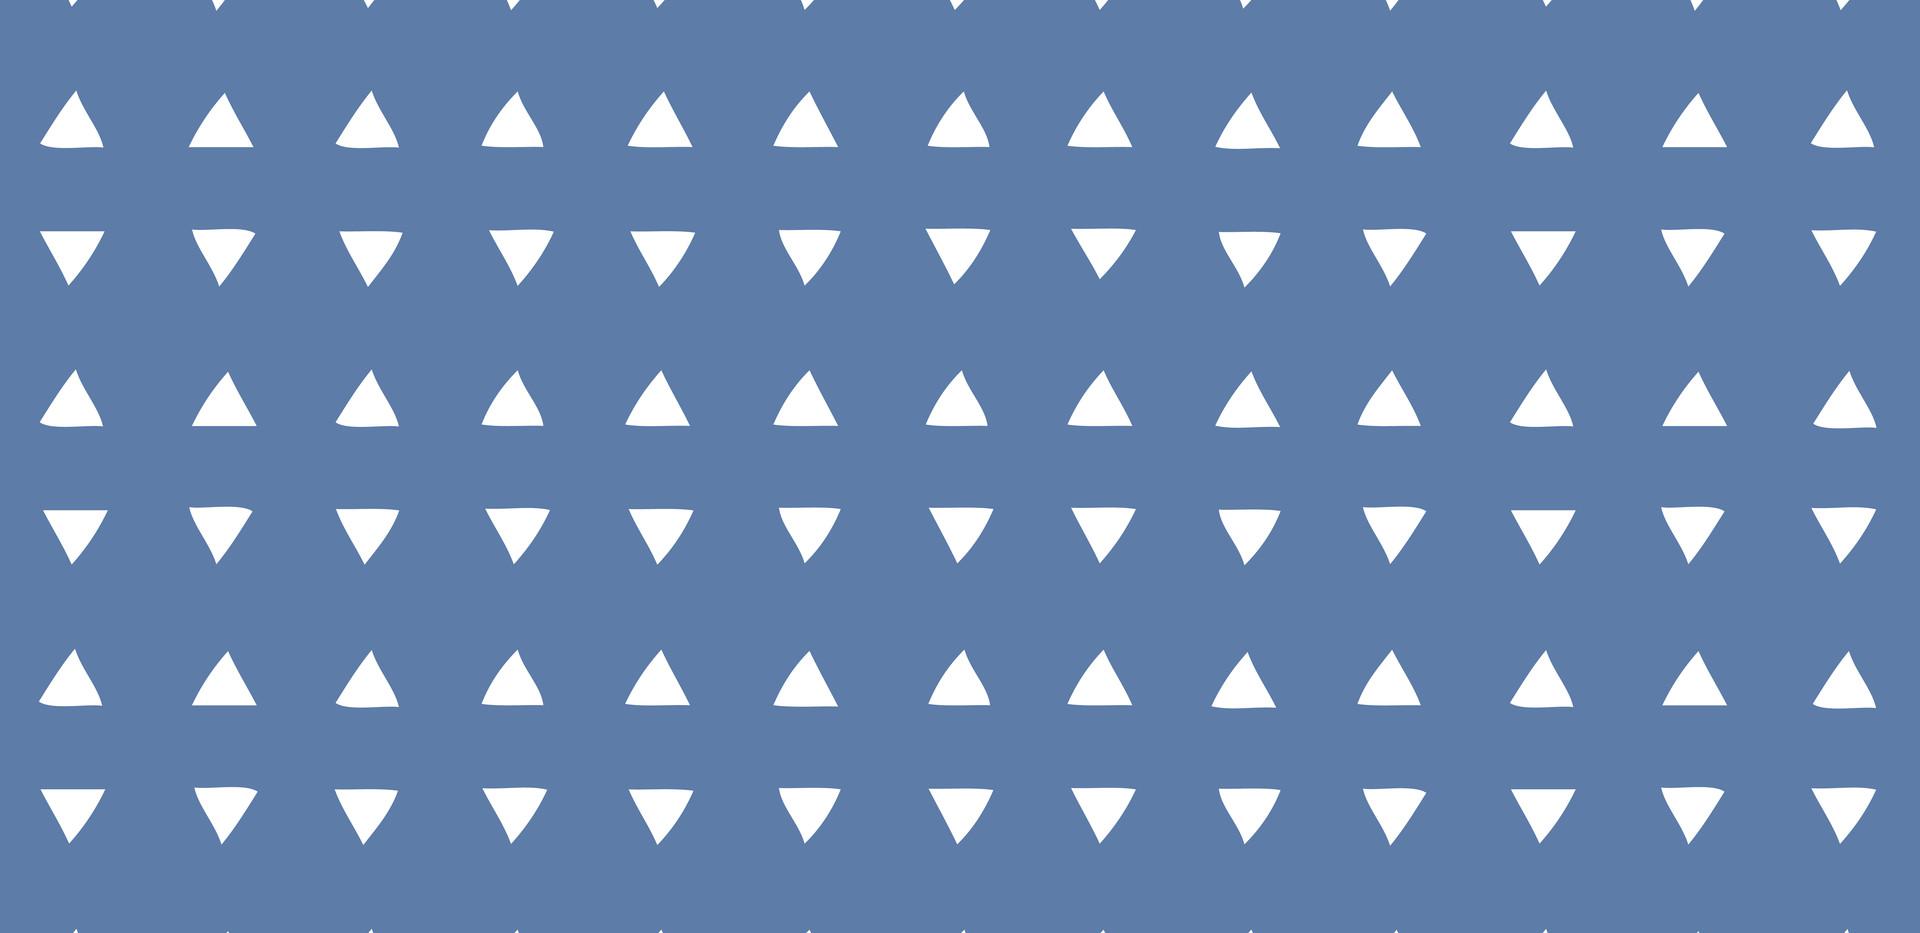 Tiny Triangles . Azure